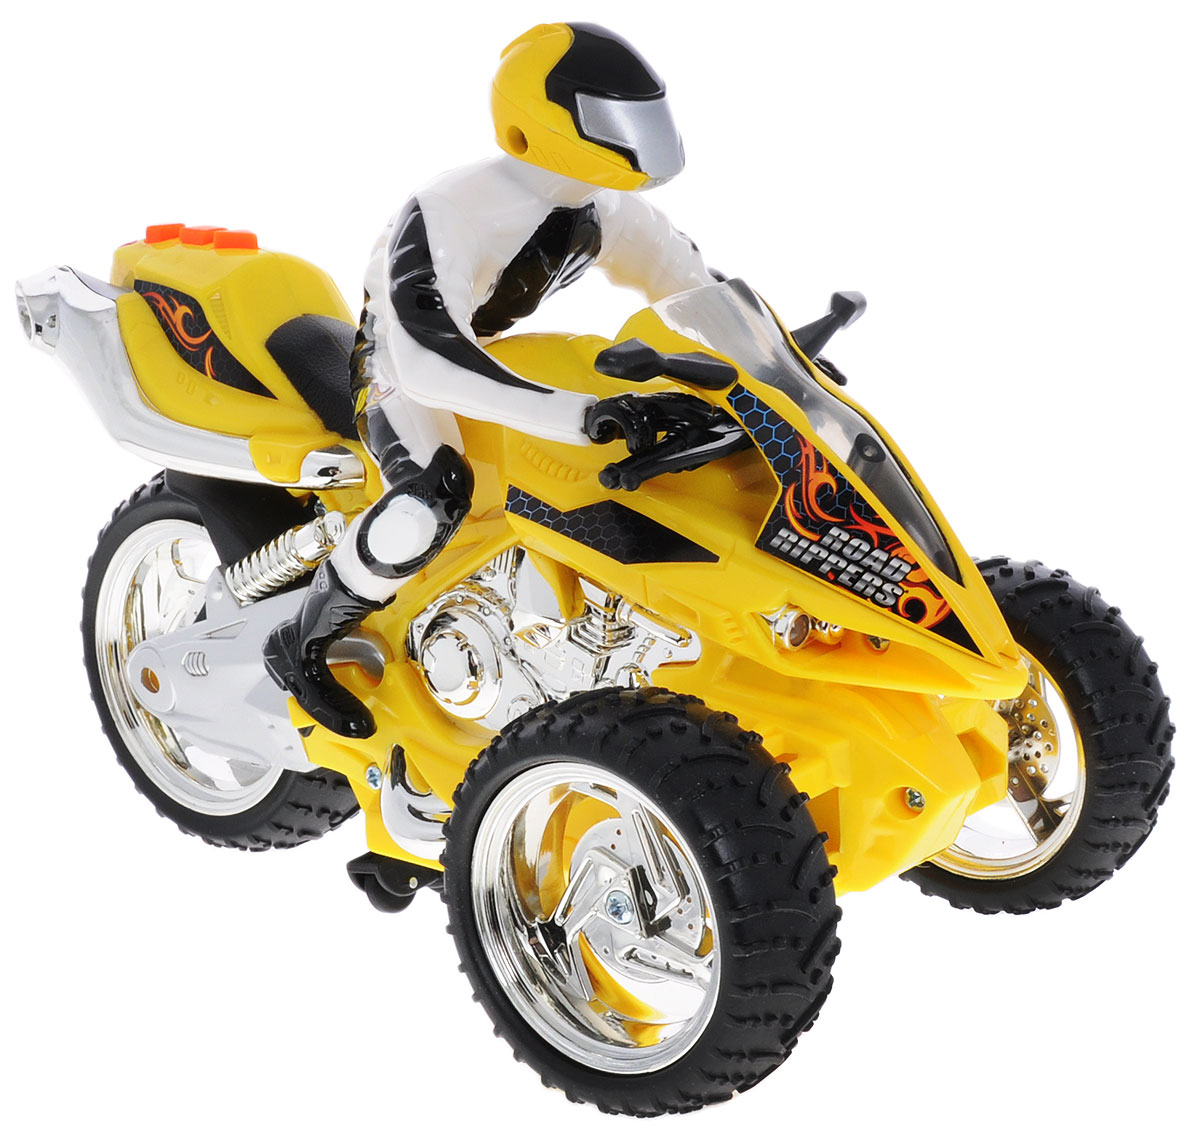 """Трицикл """"Toystate"""" непременно понравится любому маленькому гонщику. Игрушка выполнена из прочного безопасного пластика с элементами металла. Радиоуправляемый трицикл со световыми и звуковыми эффектами. Трицикл может ехать как вперед и назад, так вправо и влево. У него мигают фары, и звучит мотор. Ваш ребенок почувствует себя настоящим маленьким гонщиком! При нажатии на кнопу, расположенную на сиденье, воспроизводятся различные звуки, а также загораются фары. Яркий, реалистичный, выполненный с вниманием к деталям, станет отличным дополнением к автопарку вашего малыша! Ваш ребенок часами будет играть с такой игрушкой, придумывая различные истории и устраивая соревнования. Порадуйте его таким замечательным подарком! Для работы трицикла рекомендуется докупить 4 батарейки ААА, для работы пульта - 3 батарейки ААА (товар комплектуется демонстрационными)."""